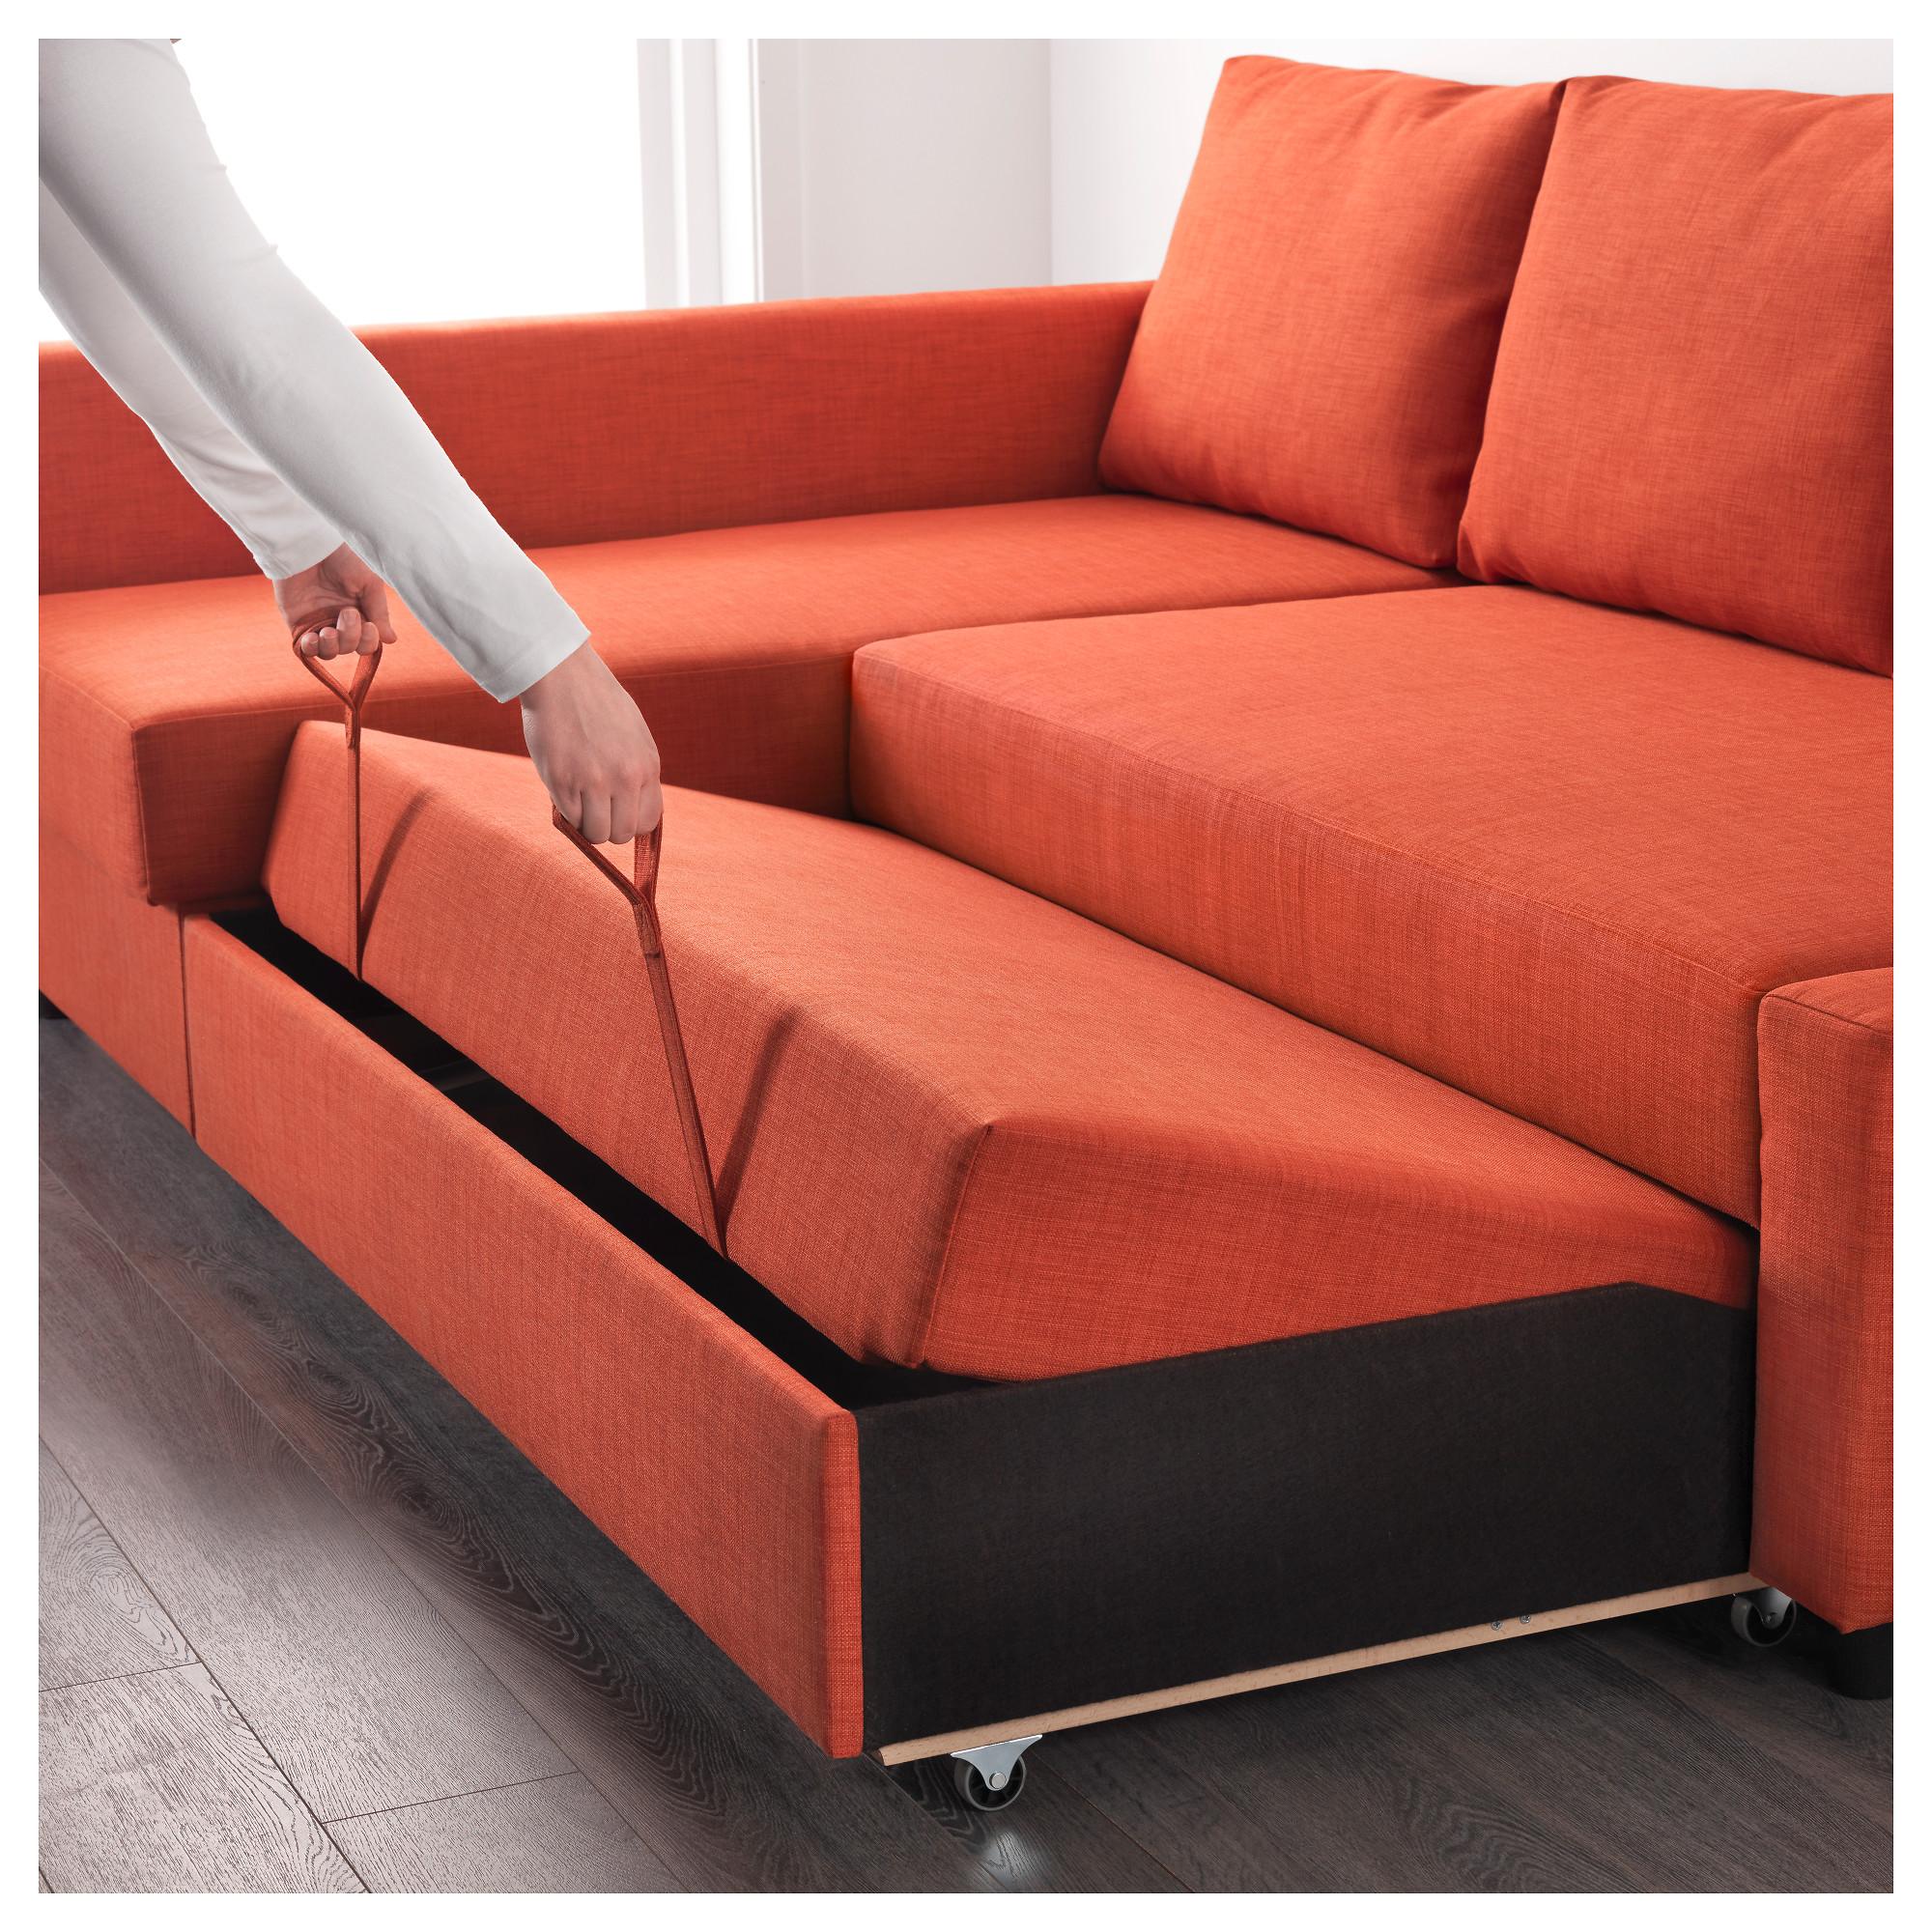 Купить Диван кровать угРовой ФРИХЕТЭН Шифтебу темно оранжевый в